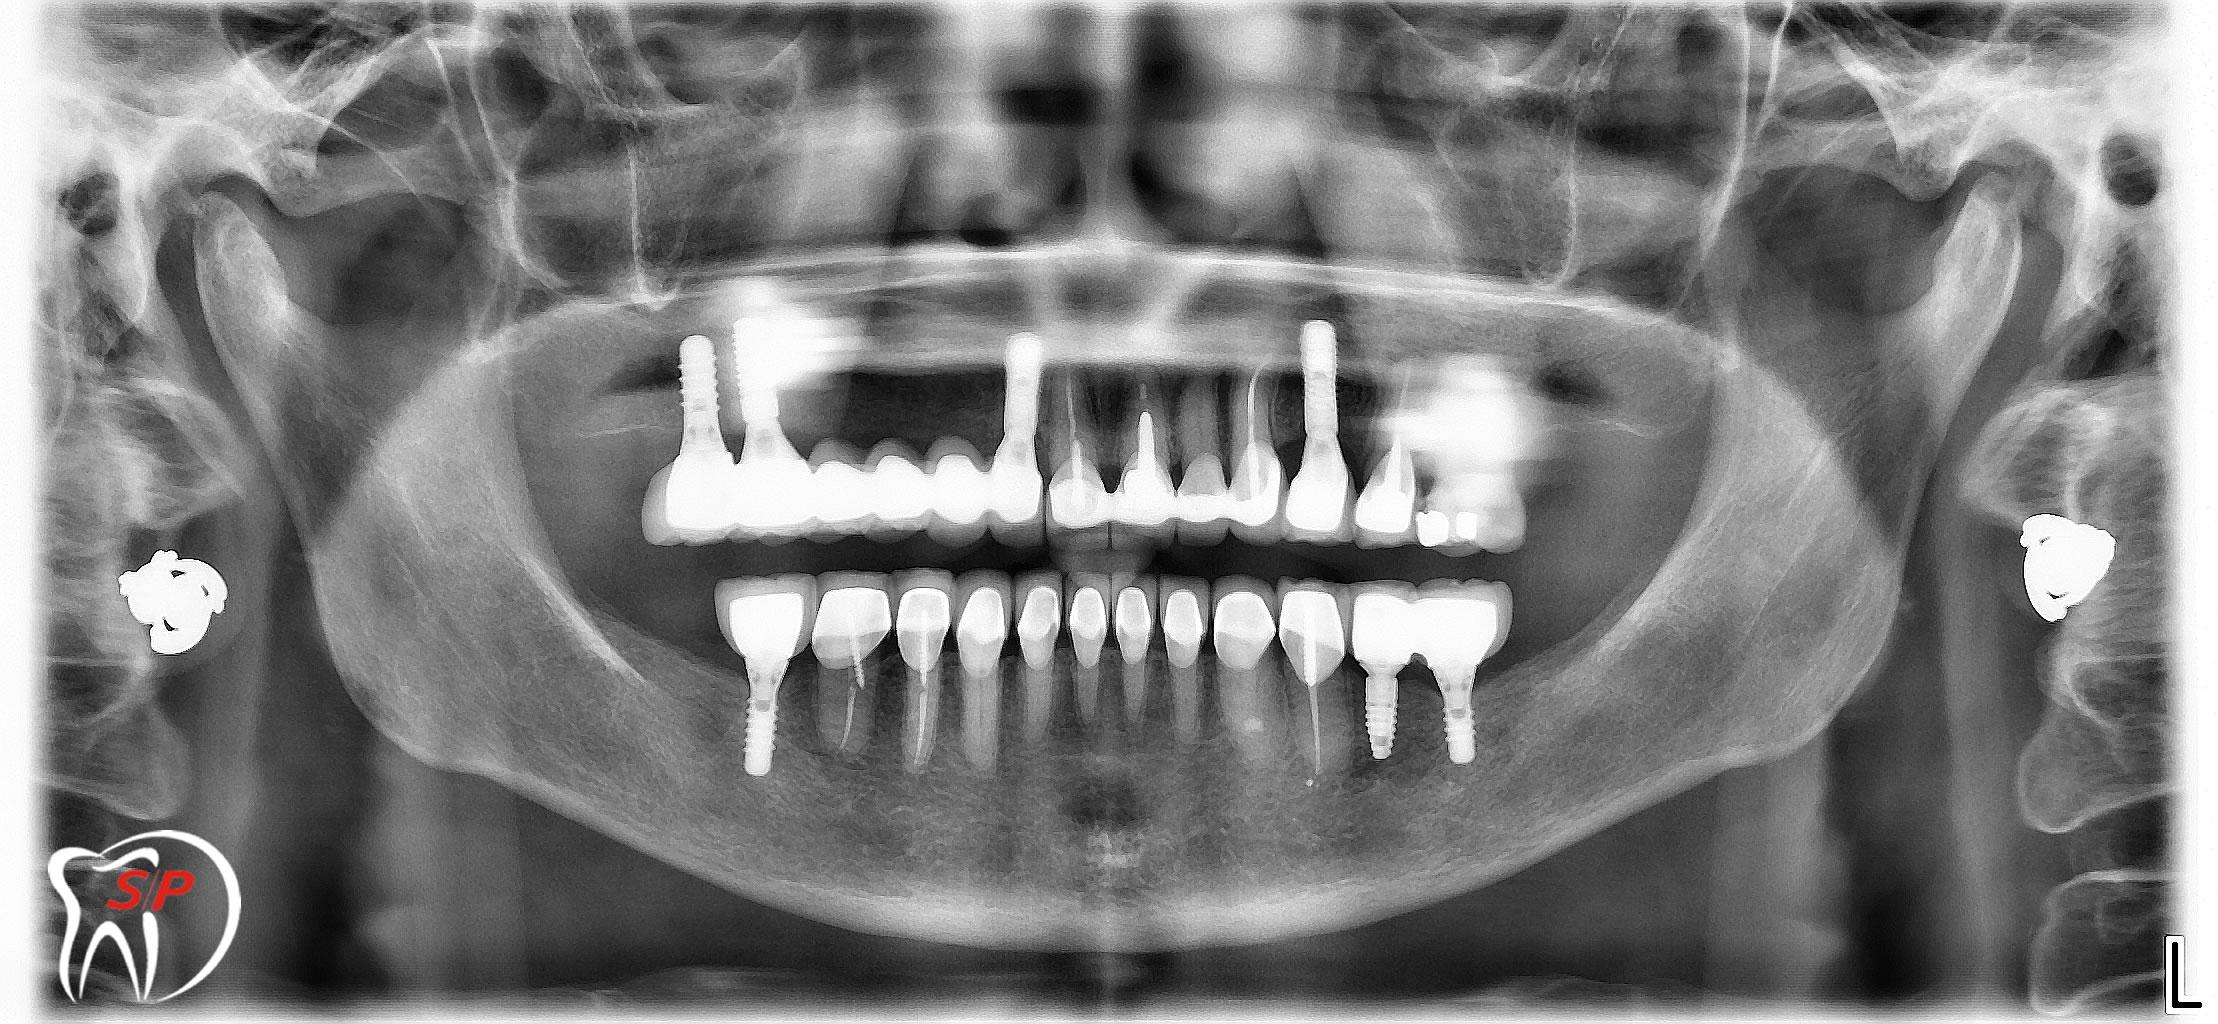 Implant riêng lẻ